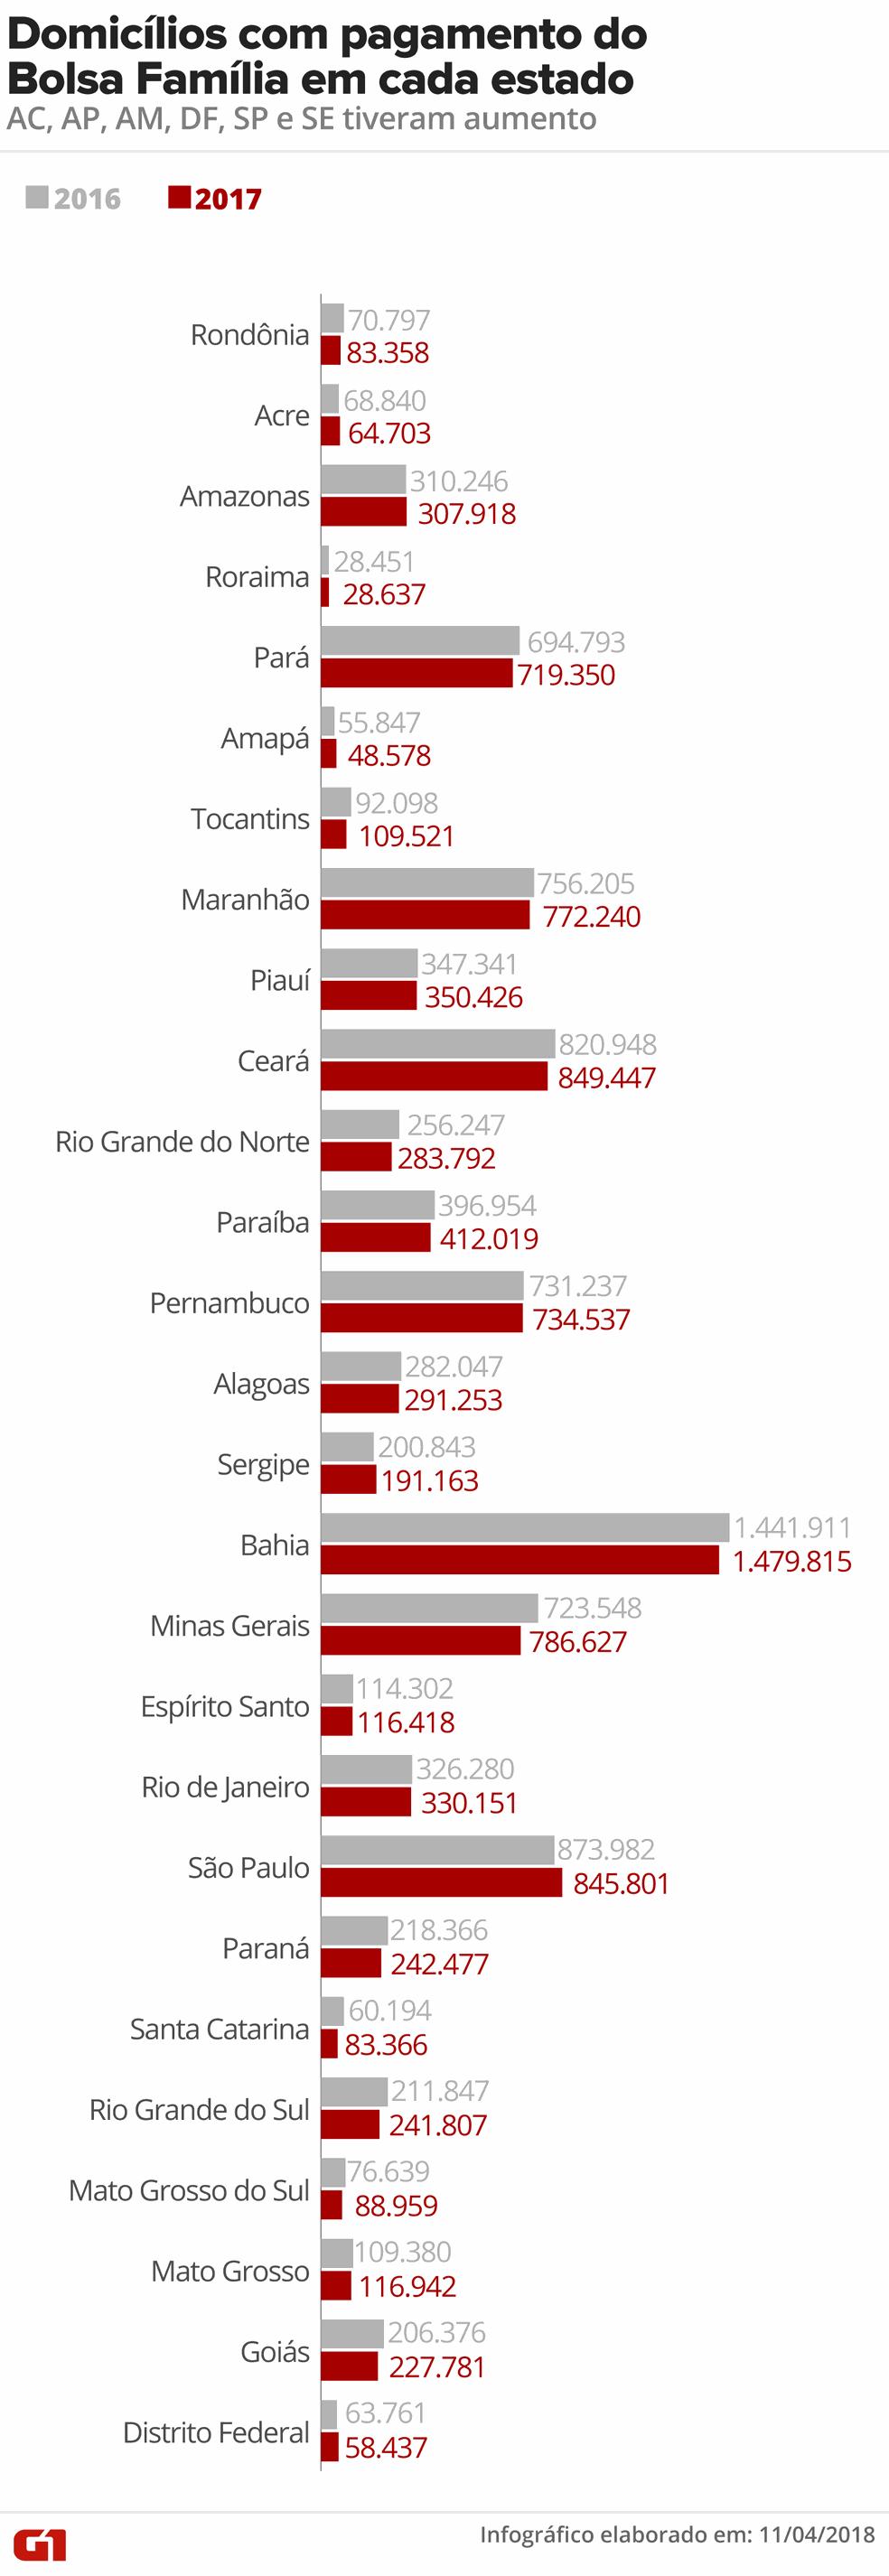 bolsa-familia-por-estado Mais de 326 mil domicílios deixaram de receber Bolsa Família em 2017, aponta IBGE Geral